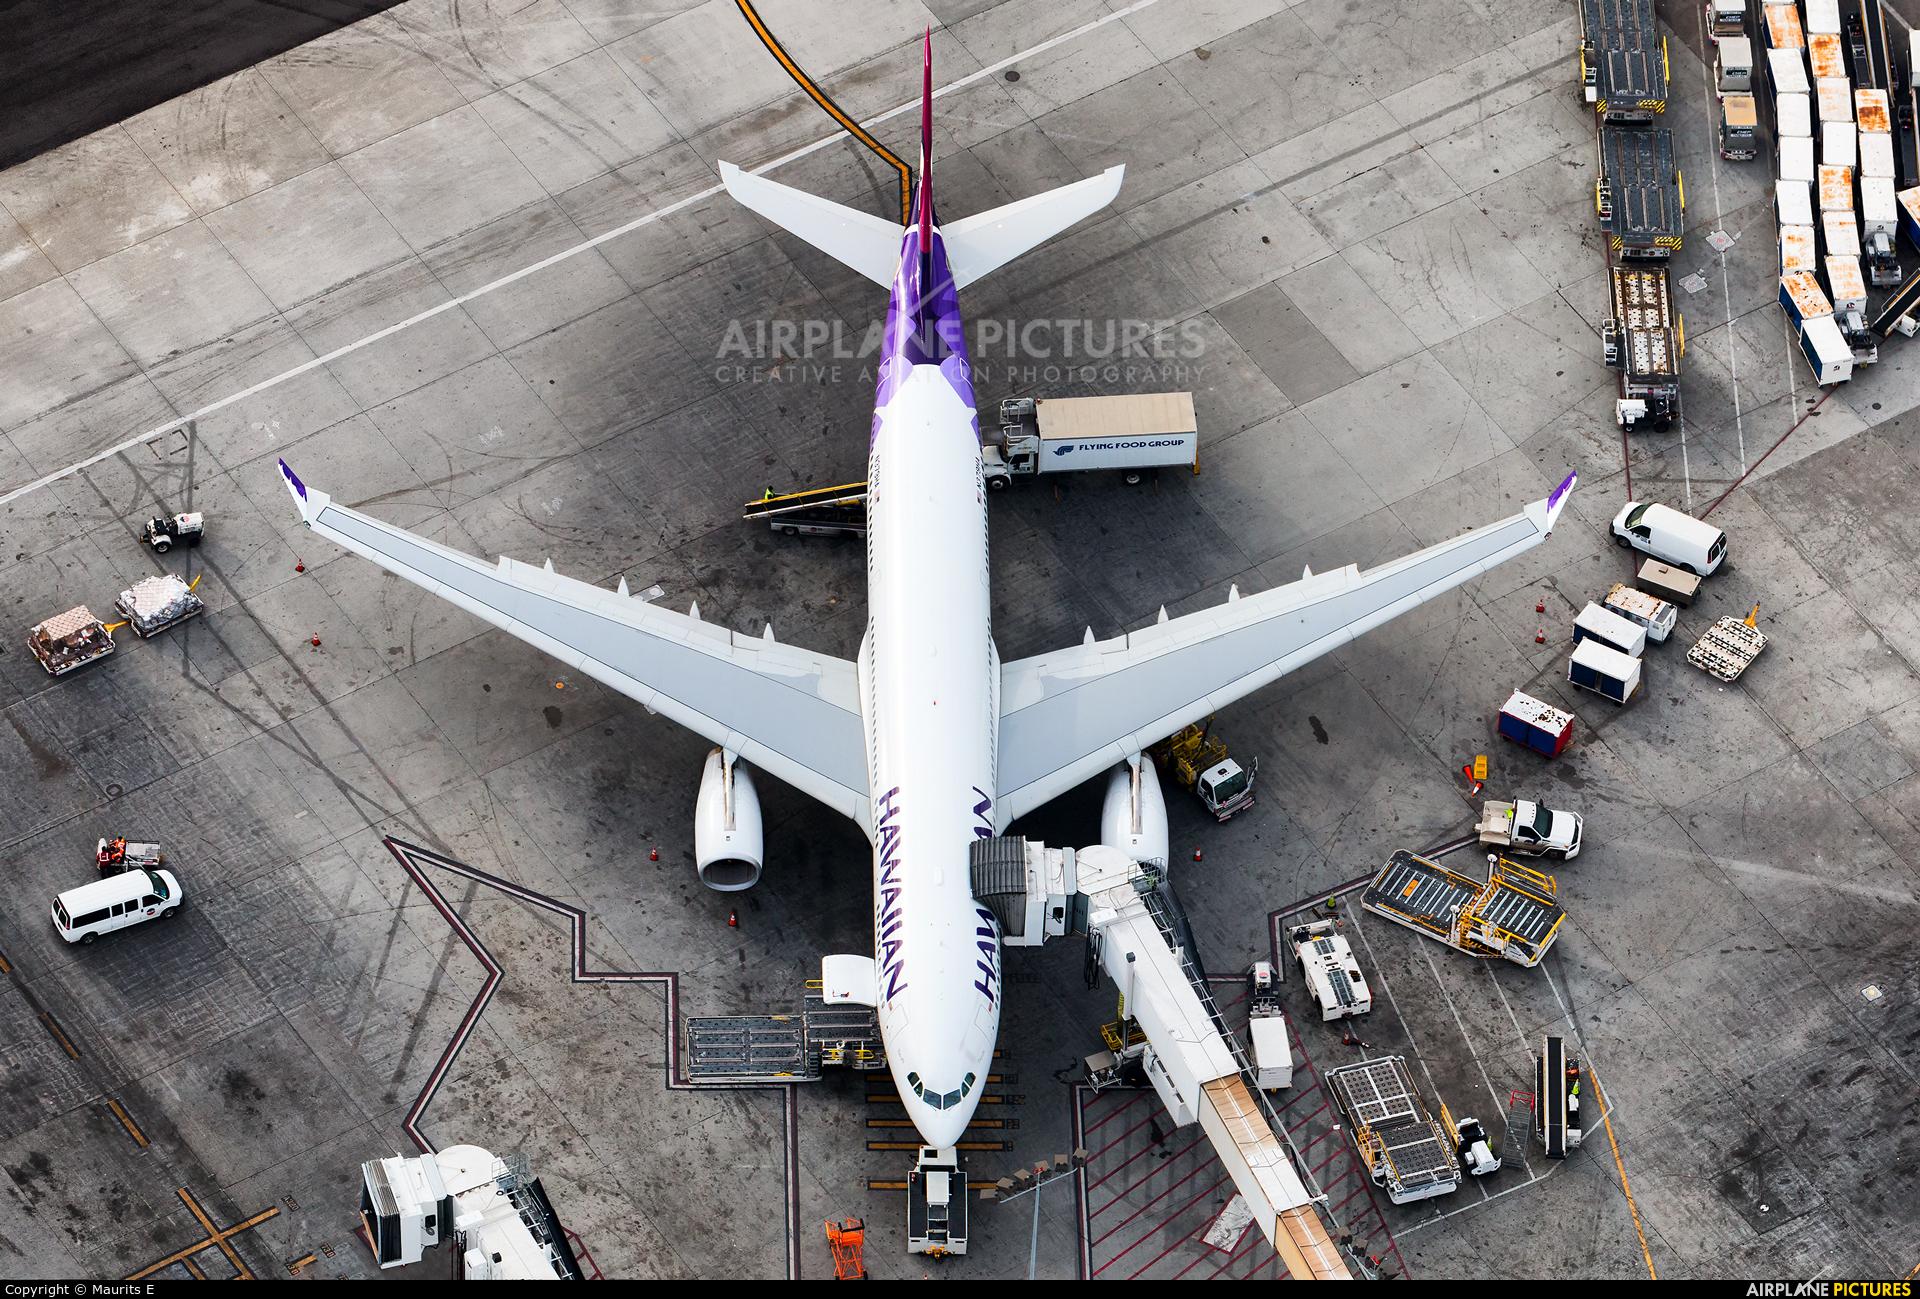 Hawaiian Airlines N379HA aircraft at Los Angeles Intl